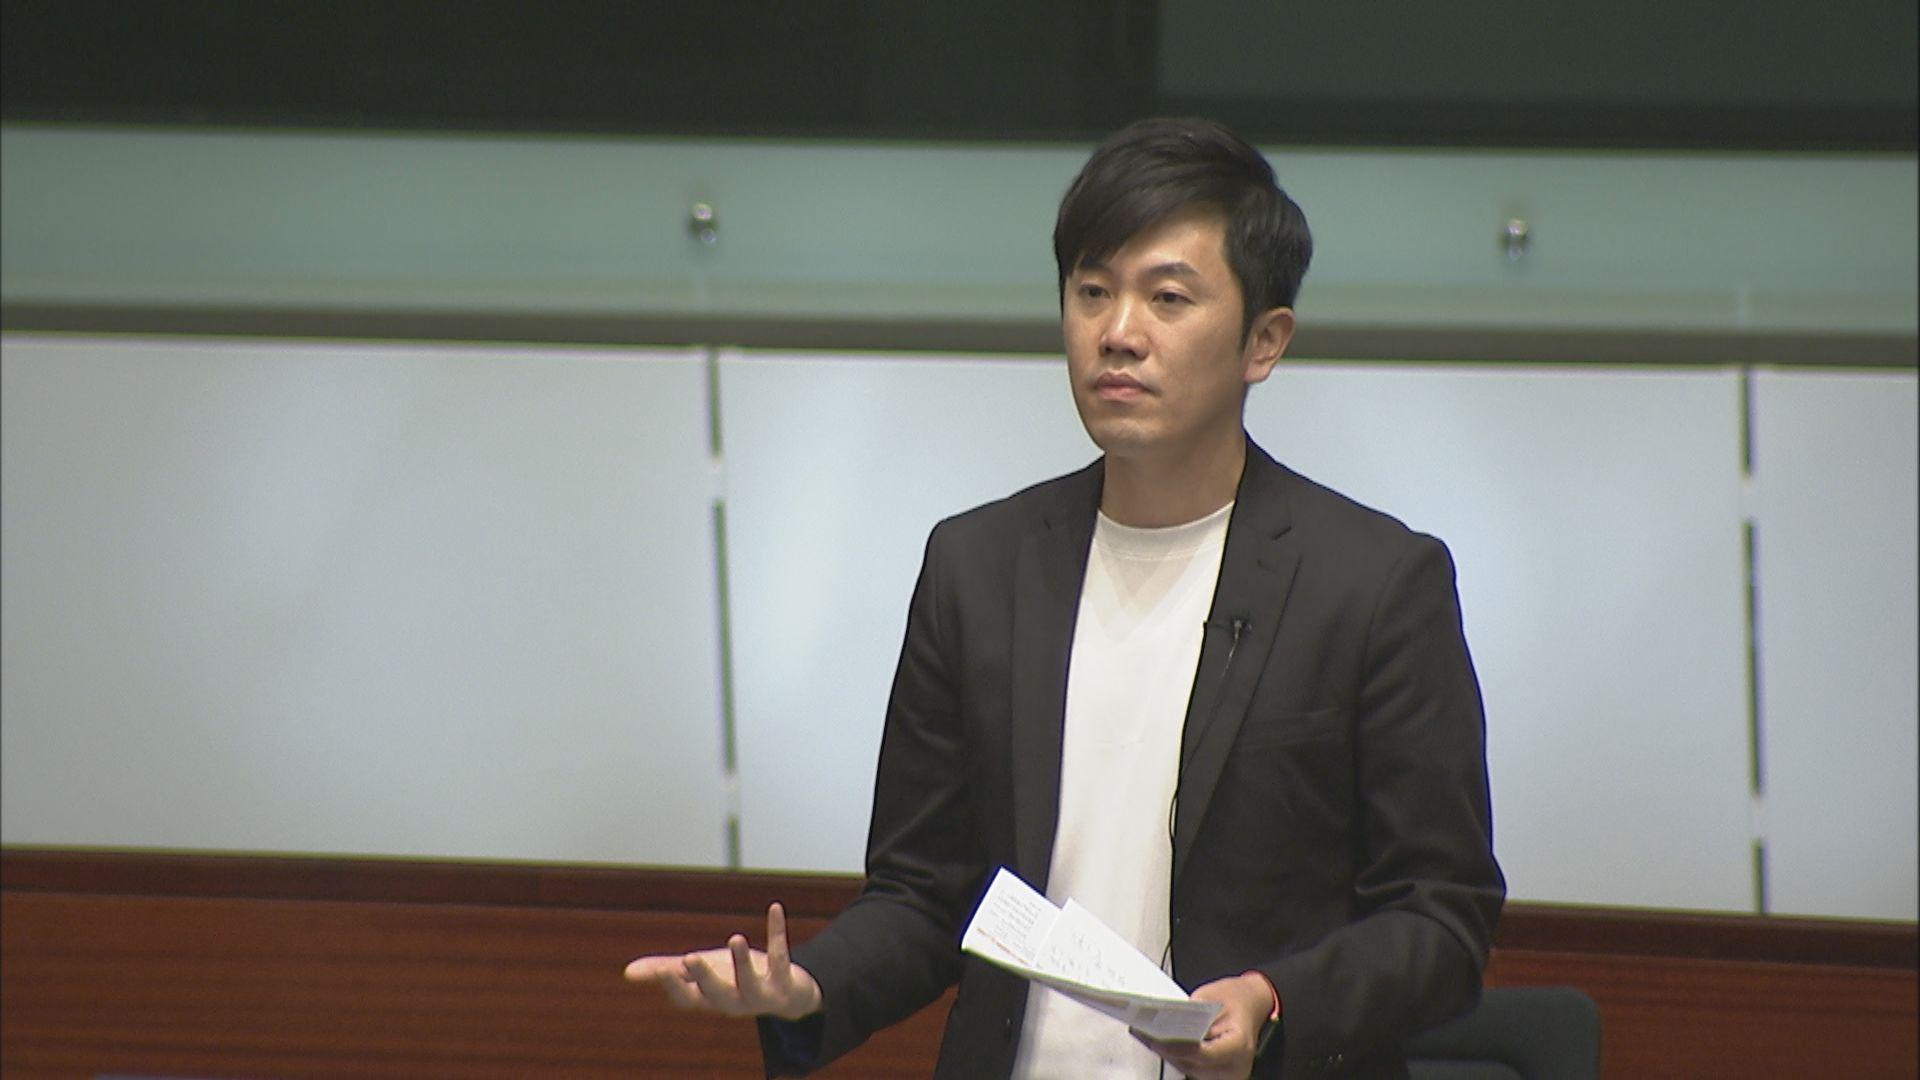 區議員宣誓修例草案二讀 建制支持鄭松泰批太嚴會反對